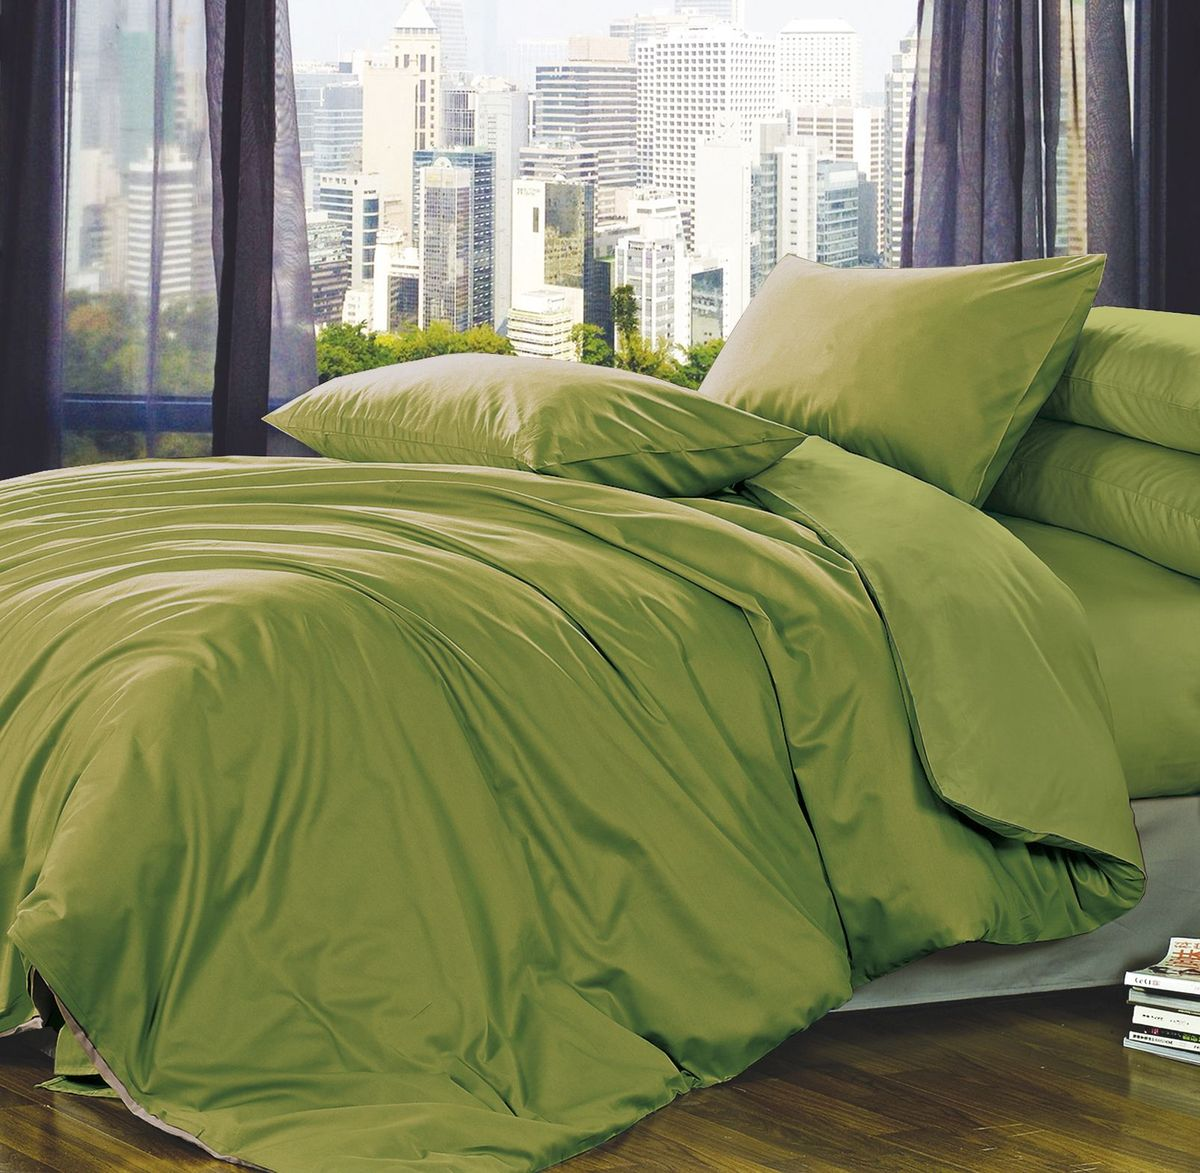 Комплект белья Коллекция Зеленый, 2,5-спальный, наволочки 50x70 смПС2.5/50/ОЗ/зелКомплект постельного белья Коллекция Зеленый выполнен из полисатина. Комплект состоит из пододеяльника, простыни и двух наволочек. Тонкое, средней плотности, с шелковистой поверхностью и приятным блеском постельное белье устойчиво к износу, не выгорает, не линяет, рассчитано на многократные стирки. Двойная скрутка волокон позволяет получать довольно плотный, прочный на разрыв материал. Легко отстирывается, быстро сохнет и самой важно для хозяек - не мнется!